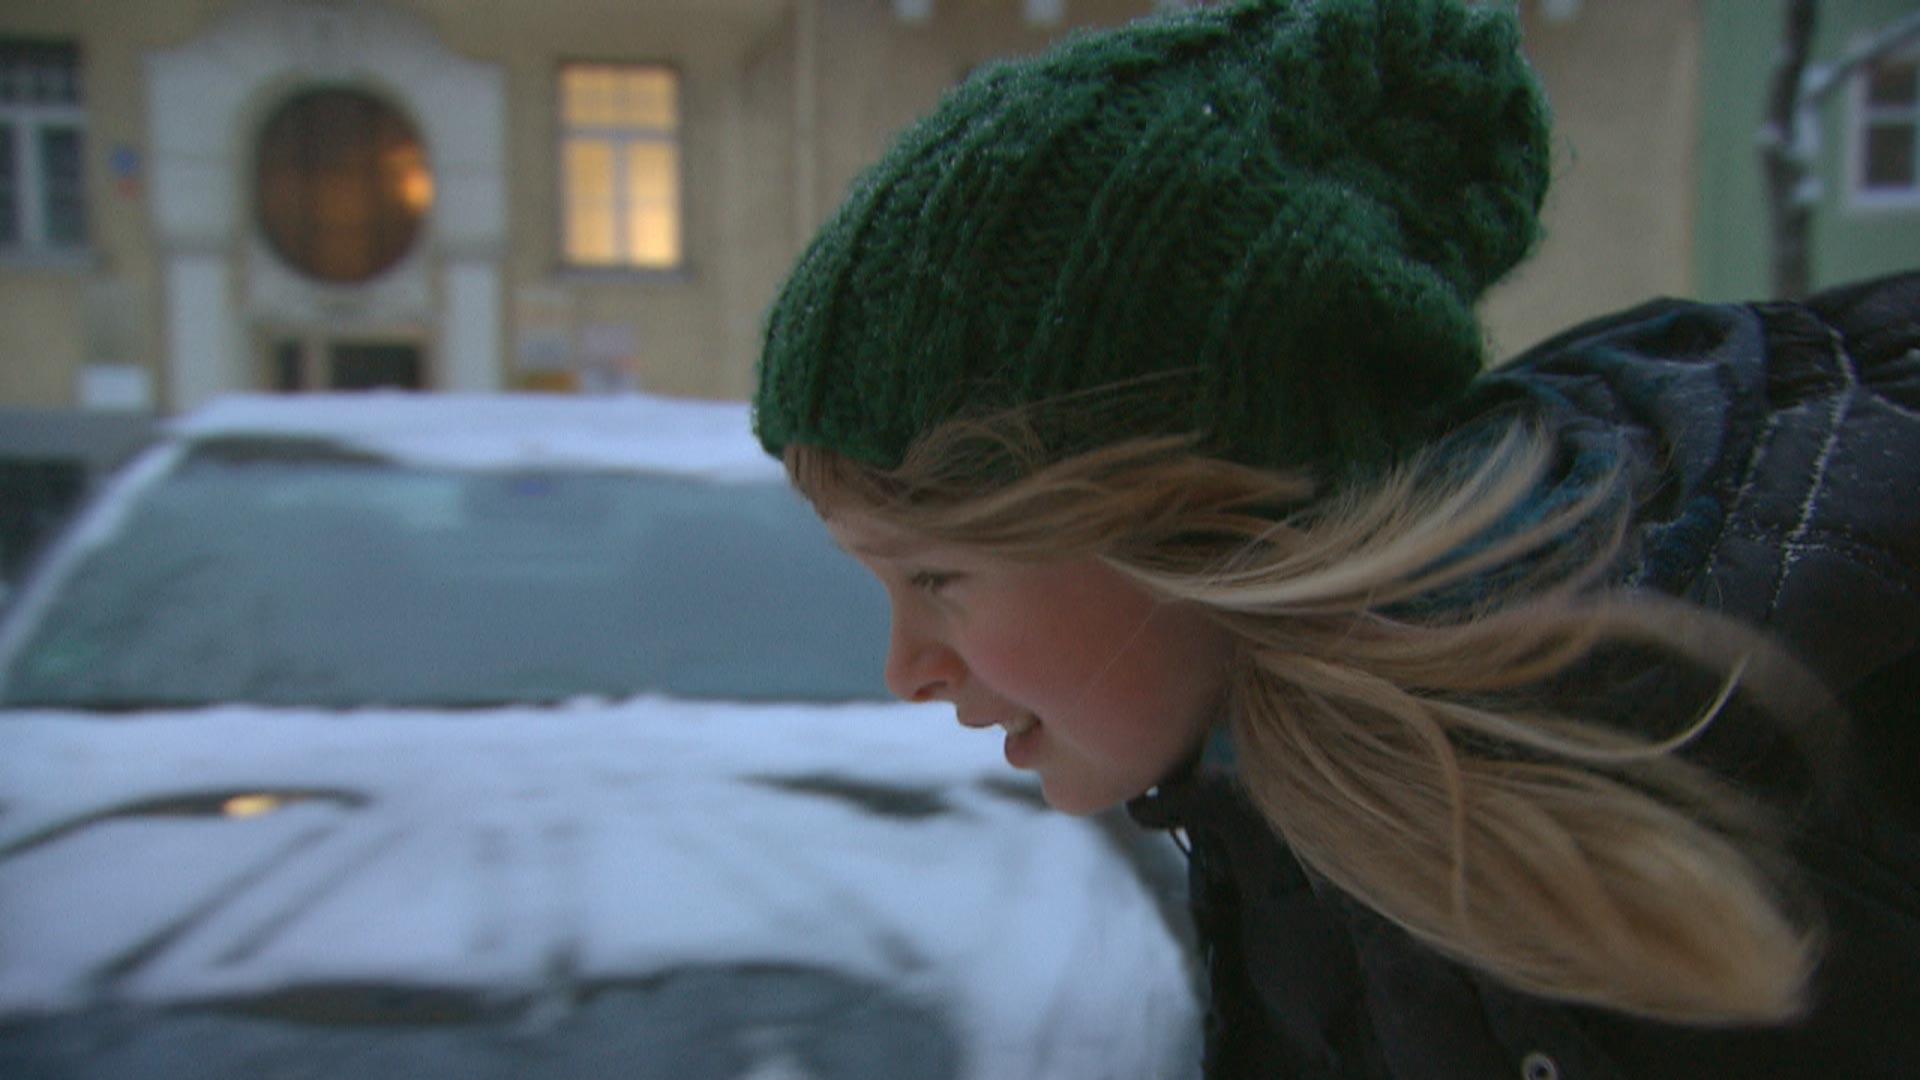 Mädchen auf dem frostigen Nachhauseweg von der Schule